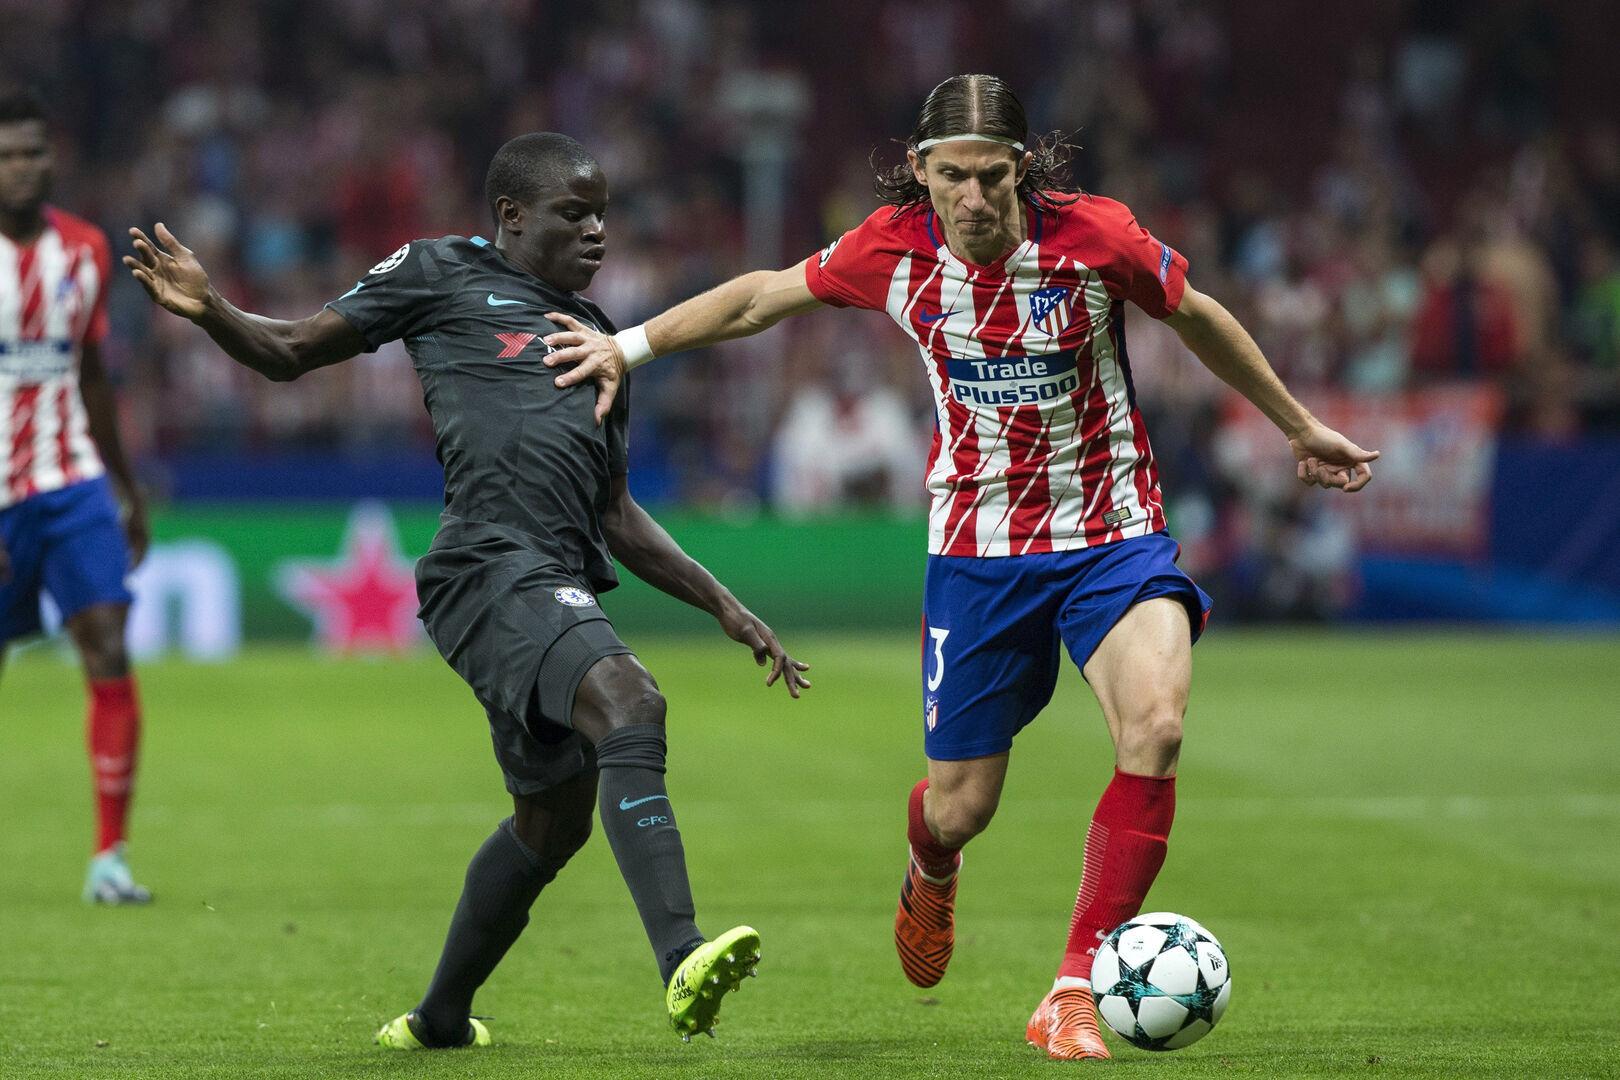 f74eab1b5fa76 Imagen del Atlético de Madrid -Chelsea disputado en la fase de grupos de la  presente edición de la Champions League.